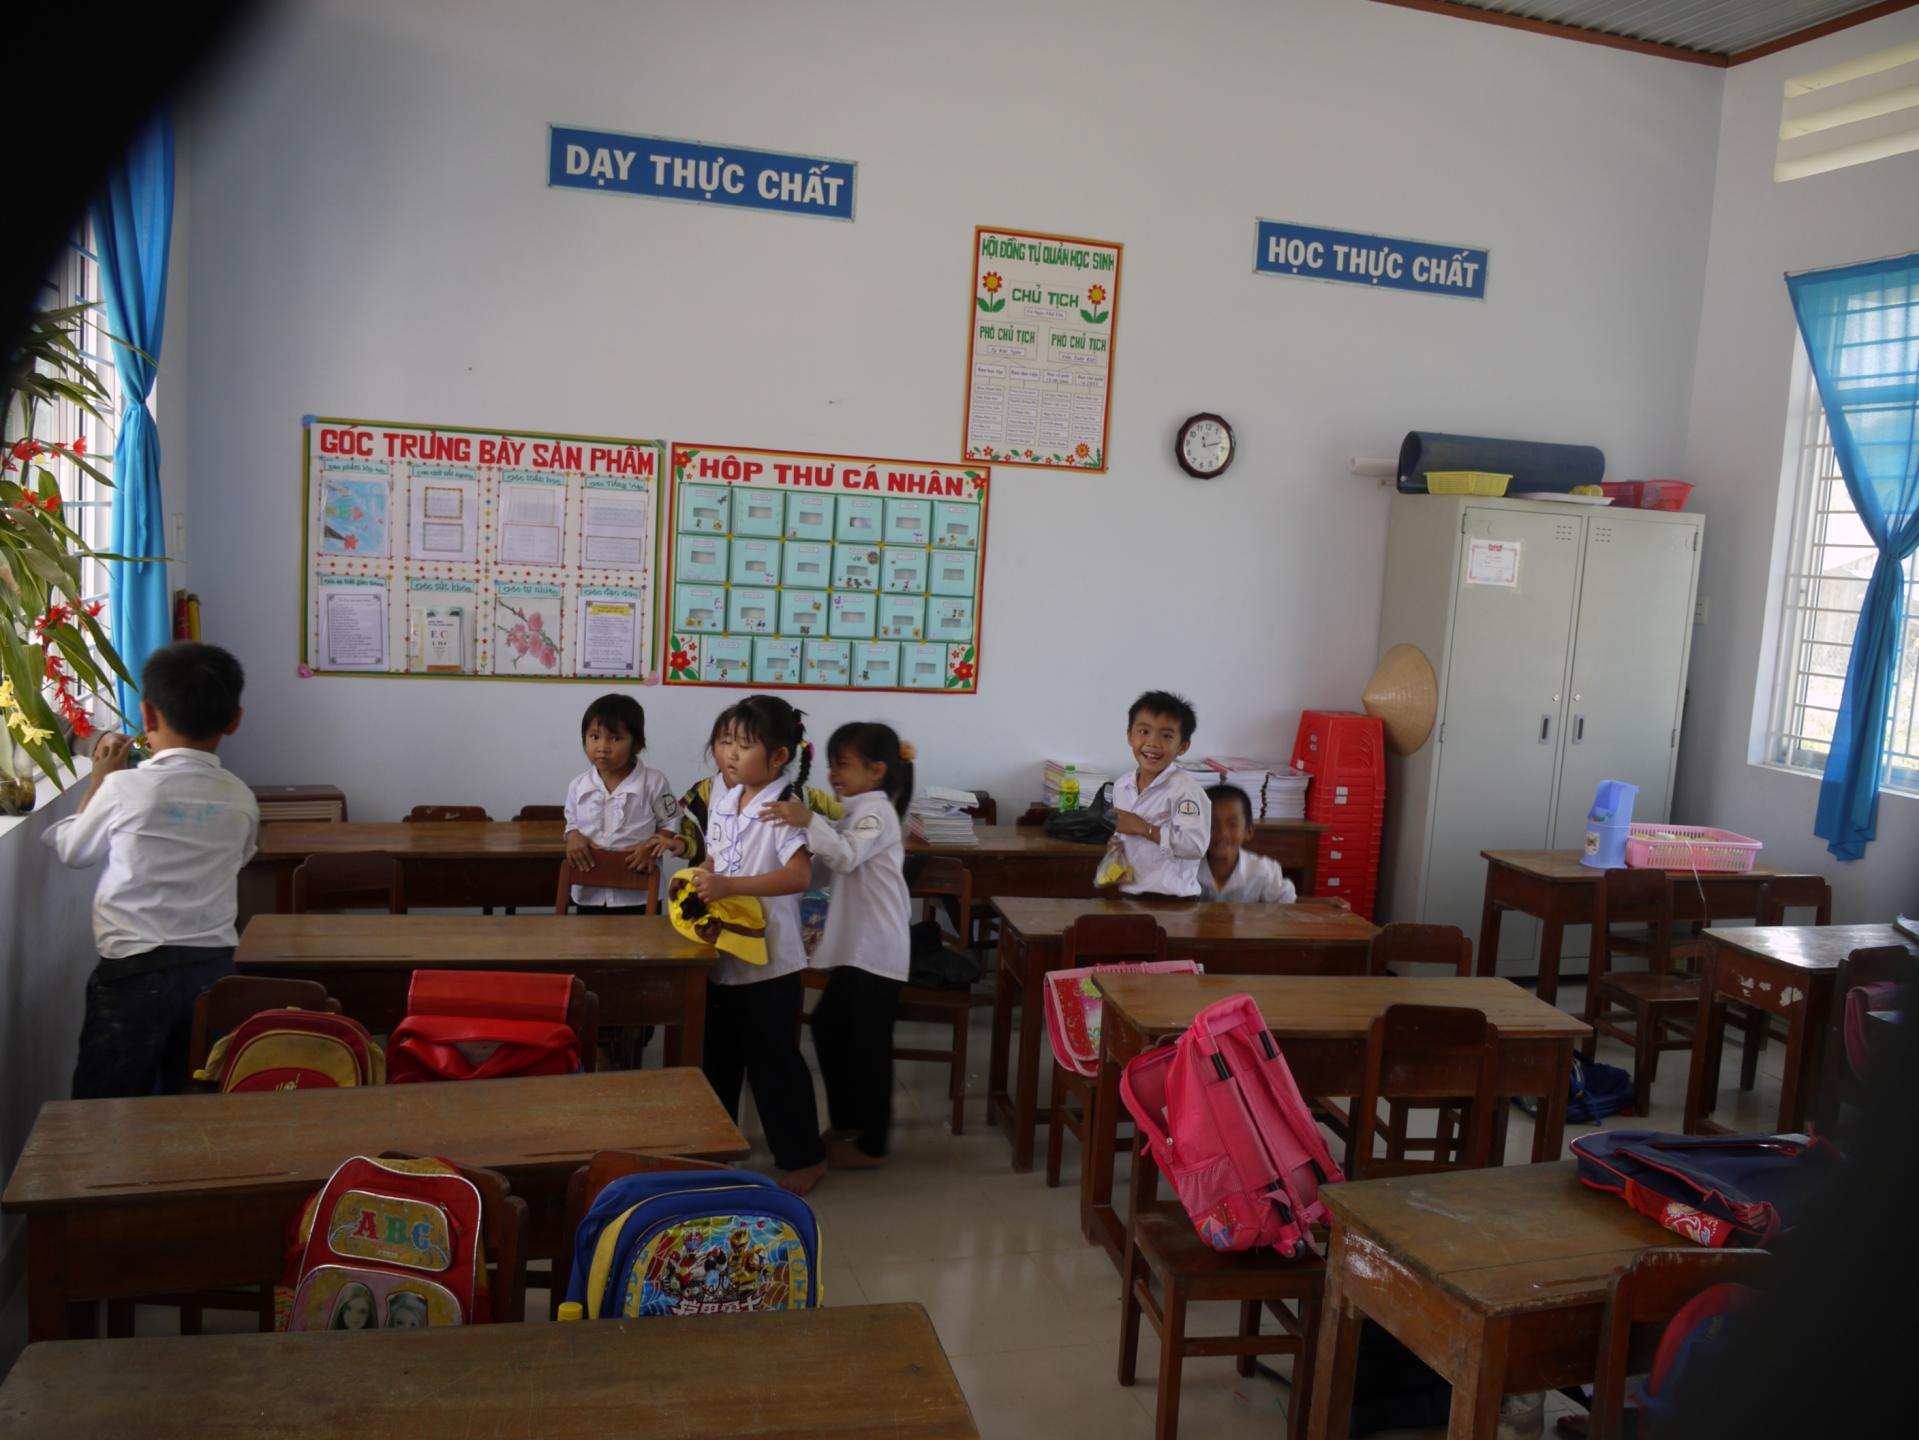 Classe restaurée d'une Ecole au Vietnam